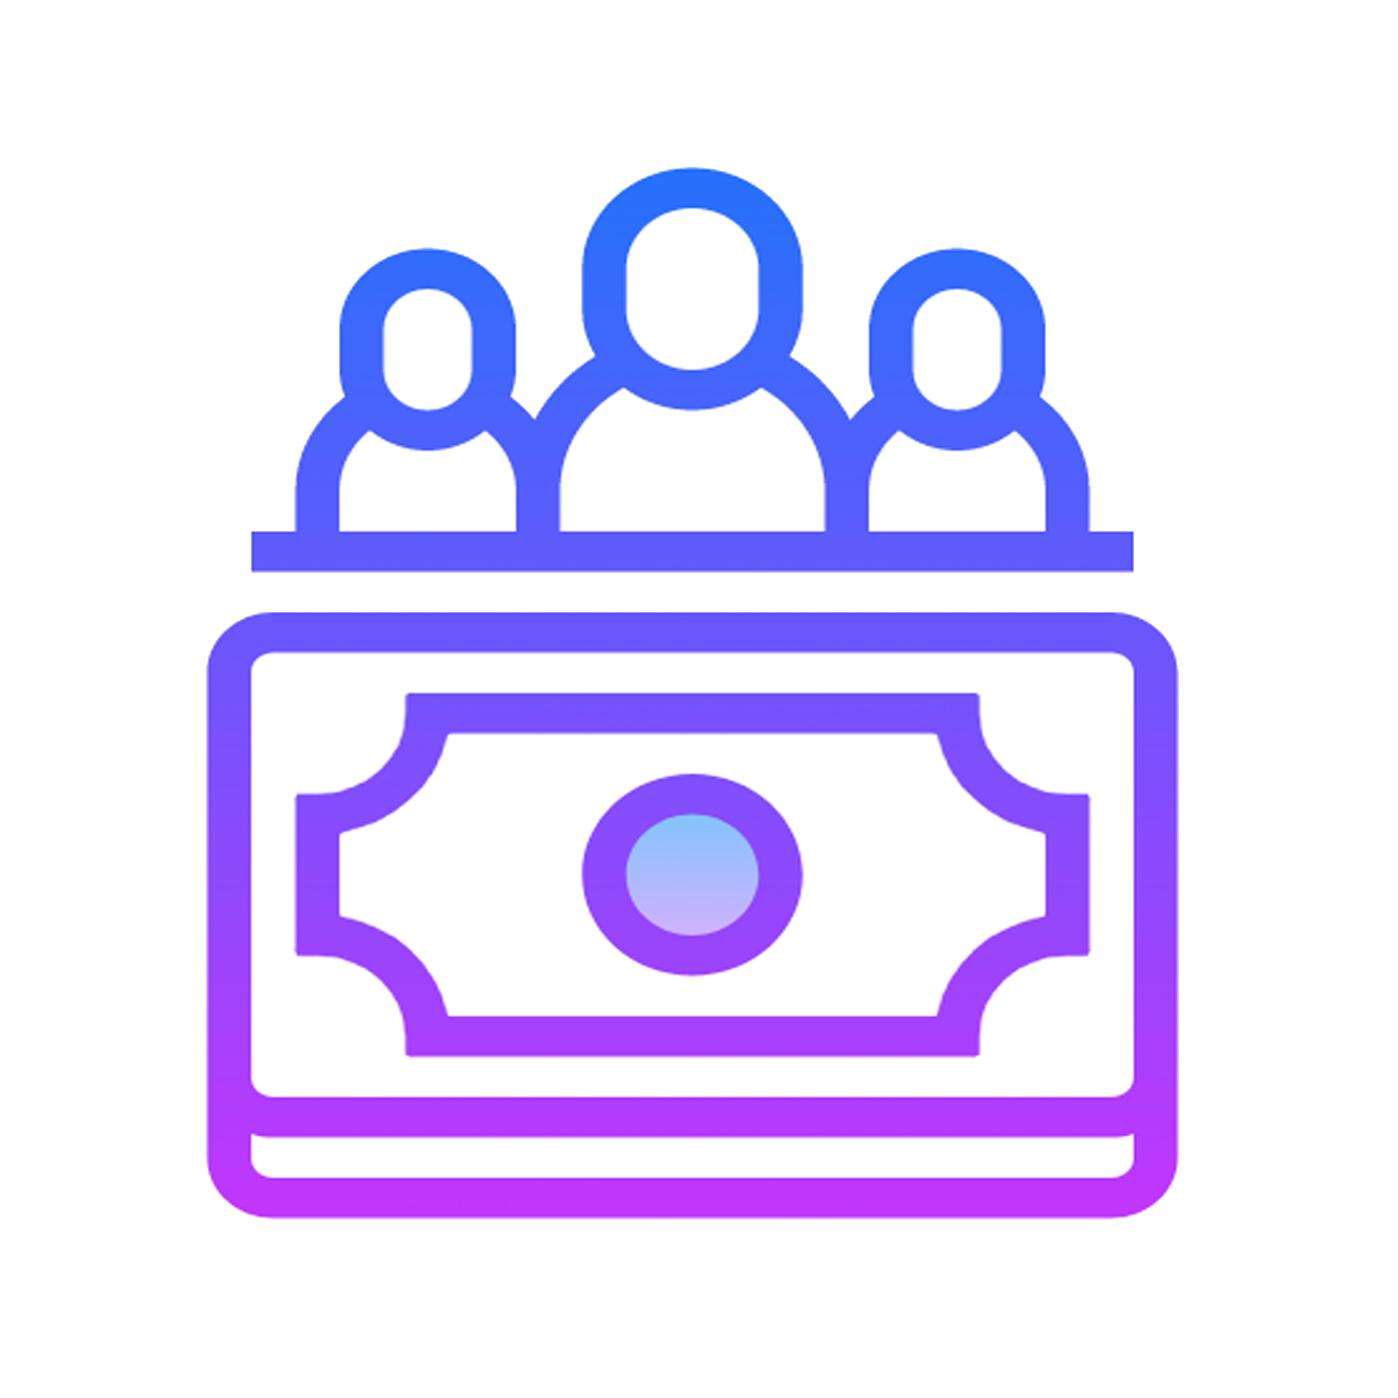 Premium Access to Premium ICOs